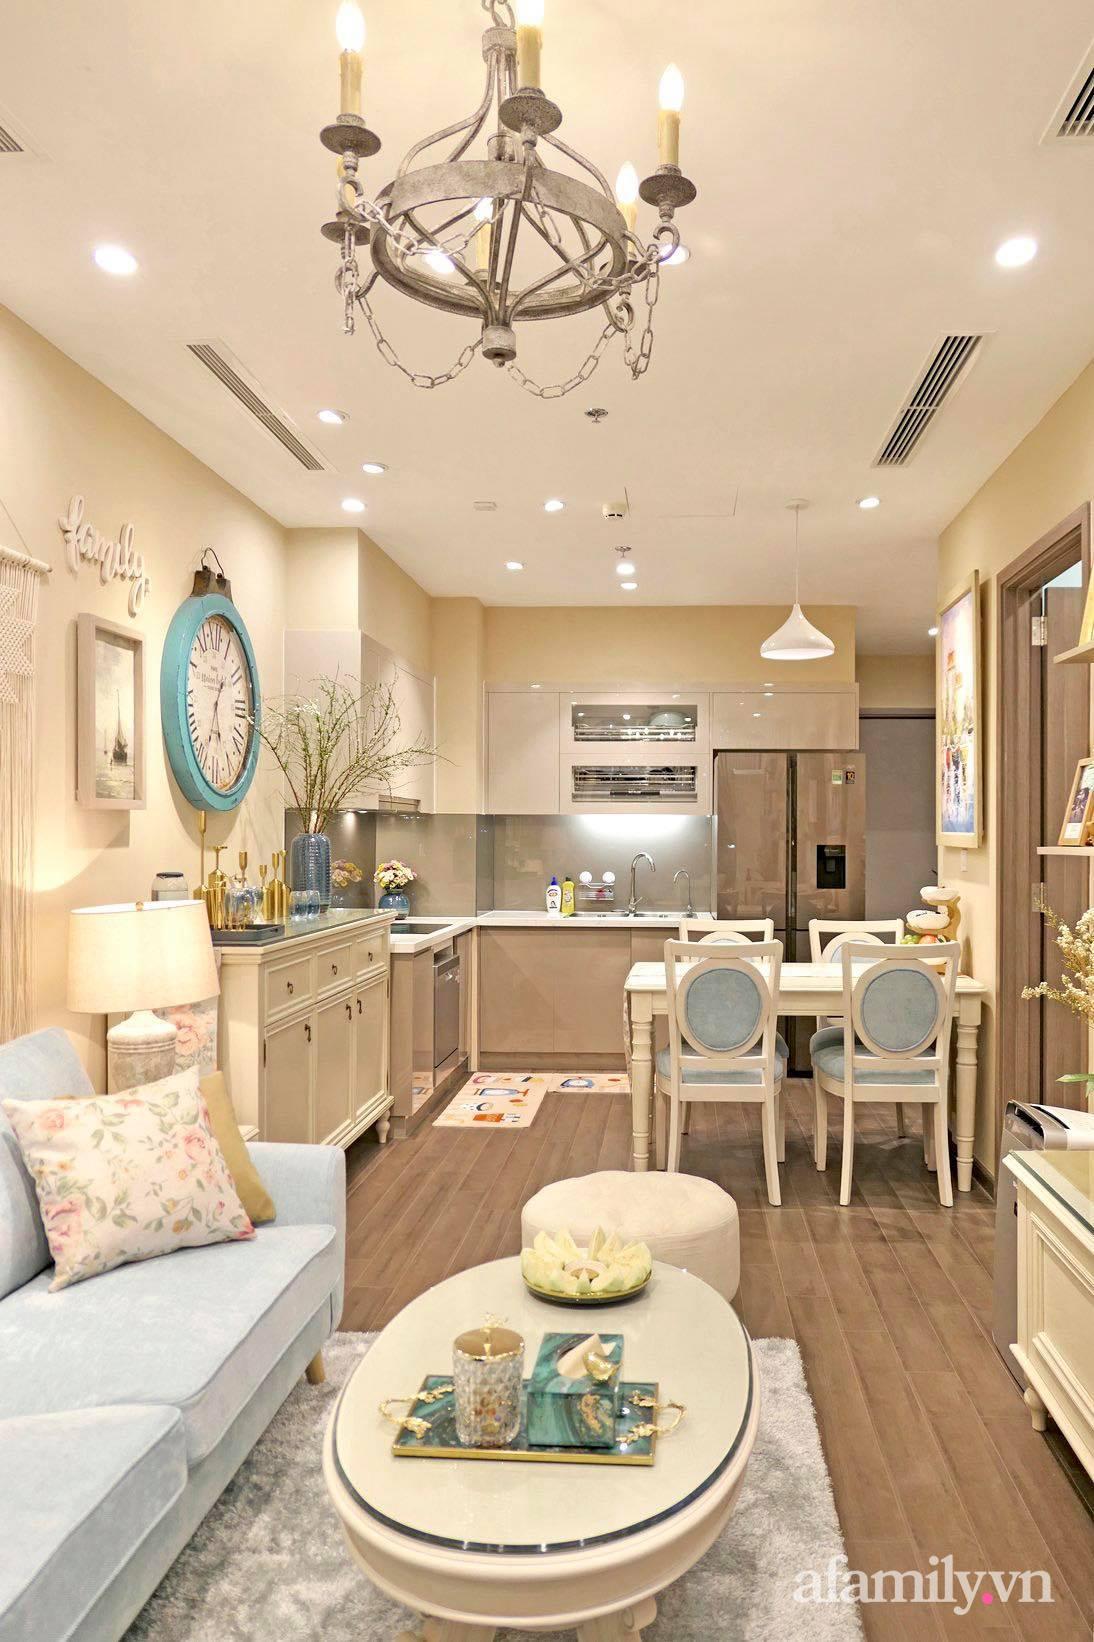 """Căn hộ siêu dễ thương decor theo phong cách Vintage được chủ nhà hoàn thiện """"vội"""" trong 10 ngày ở Hà Nội - Ảnh 13."""